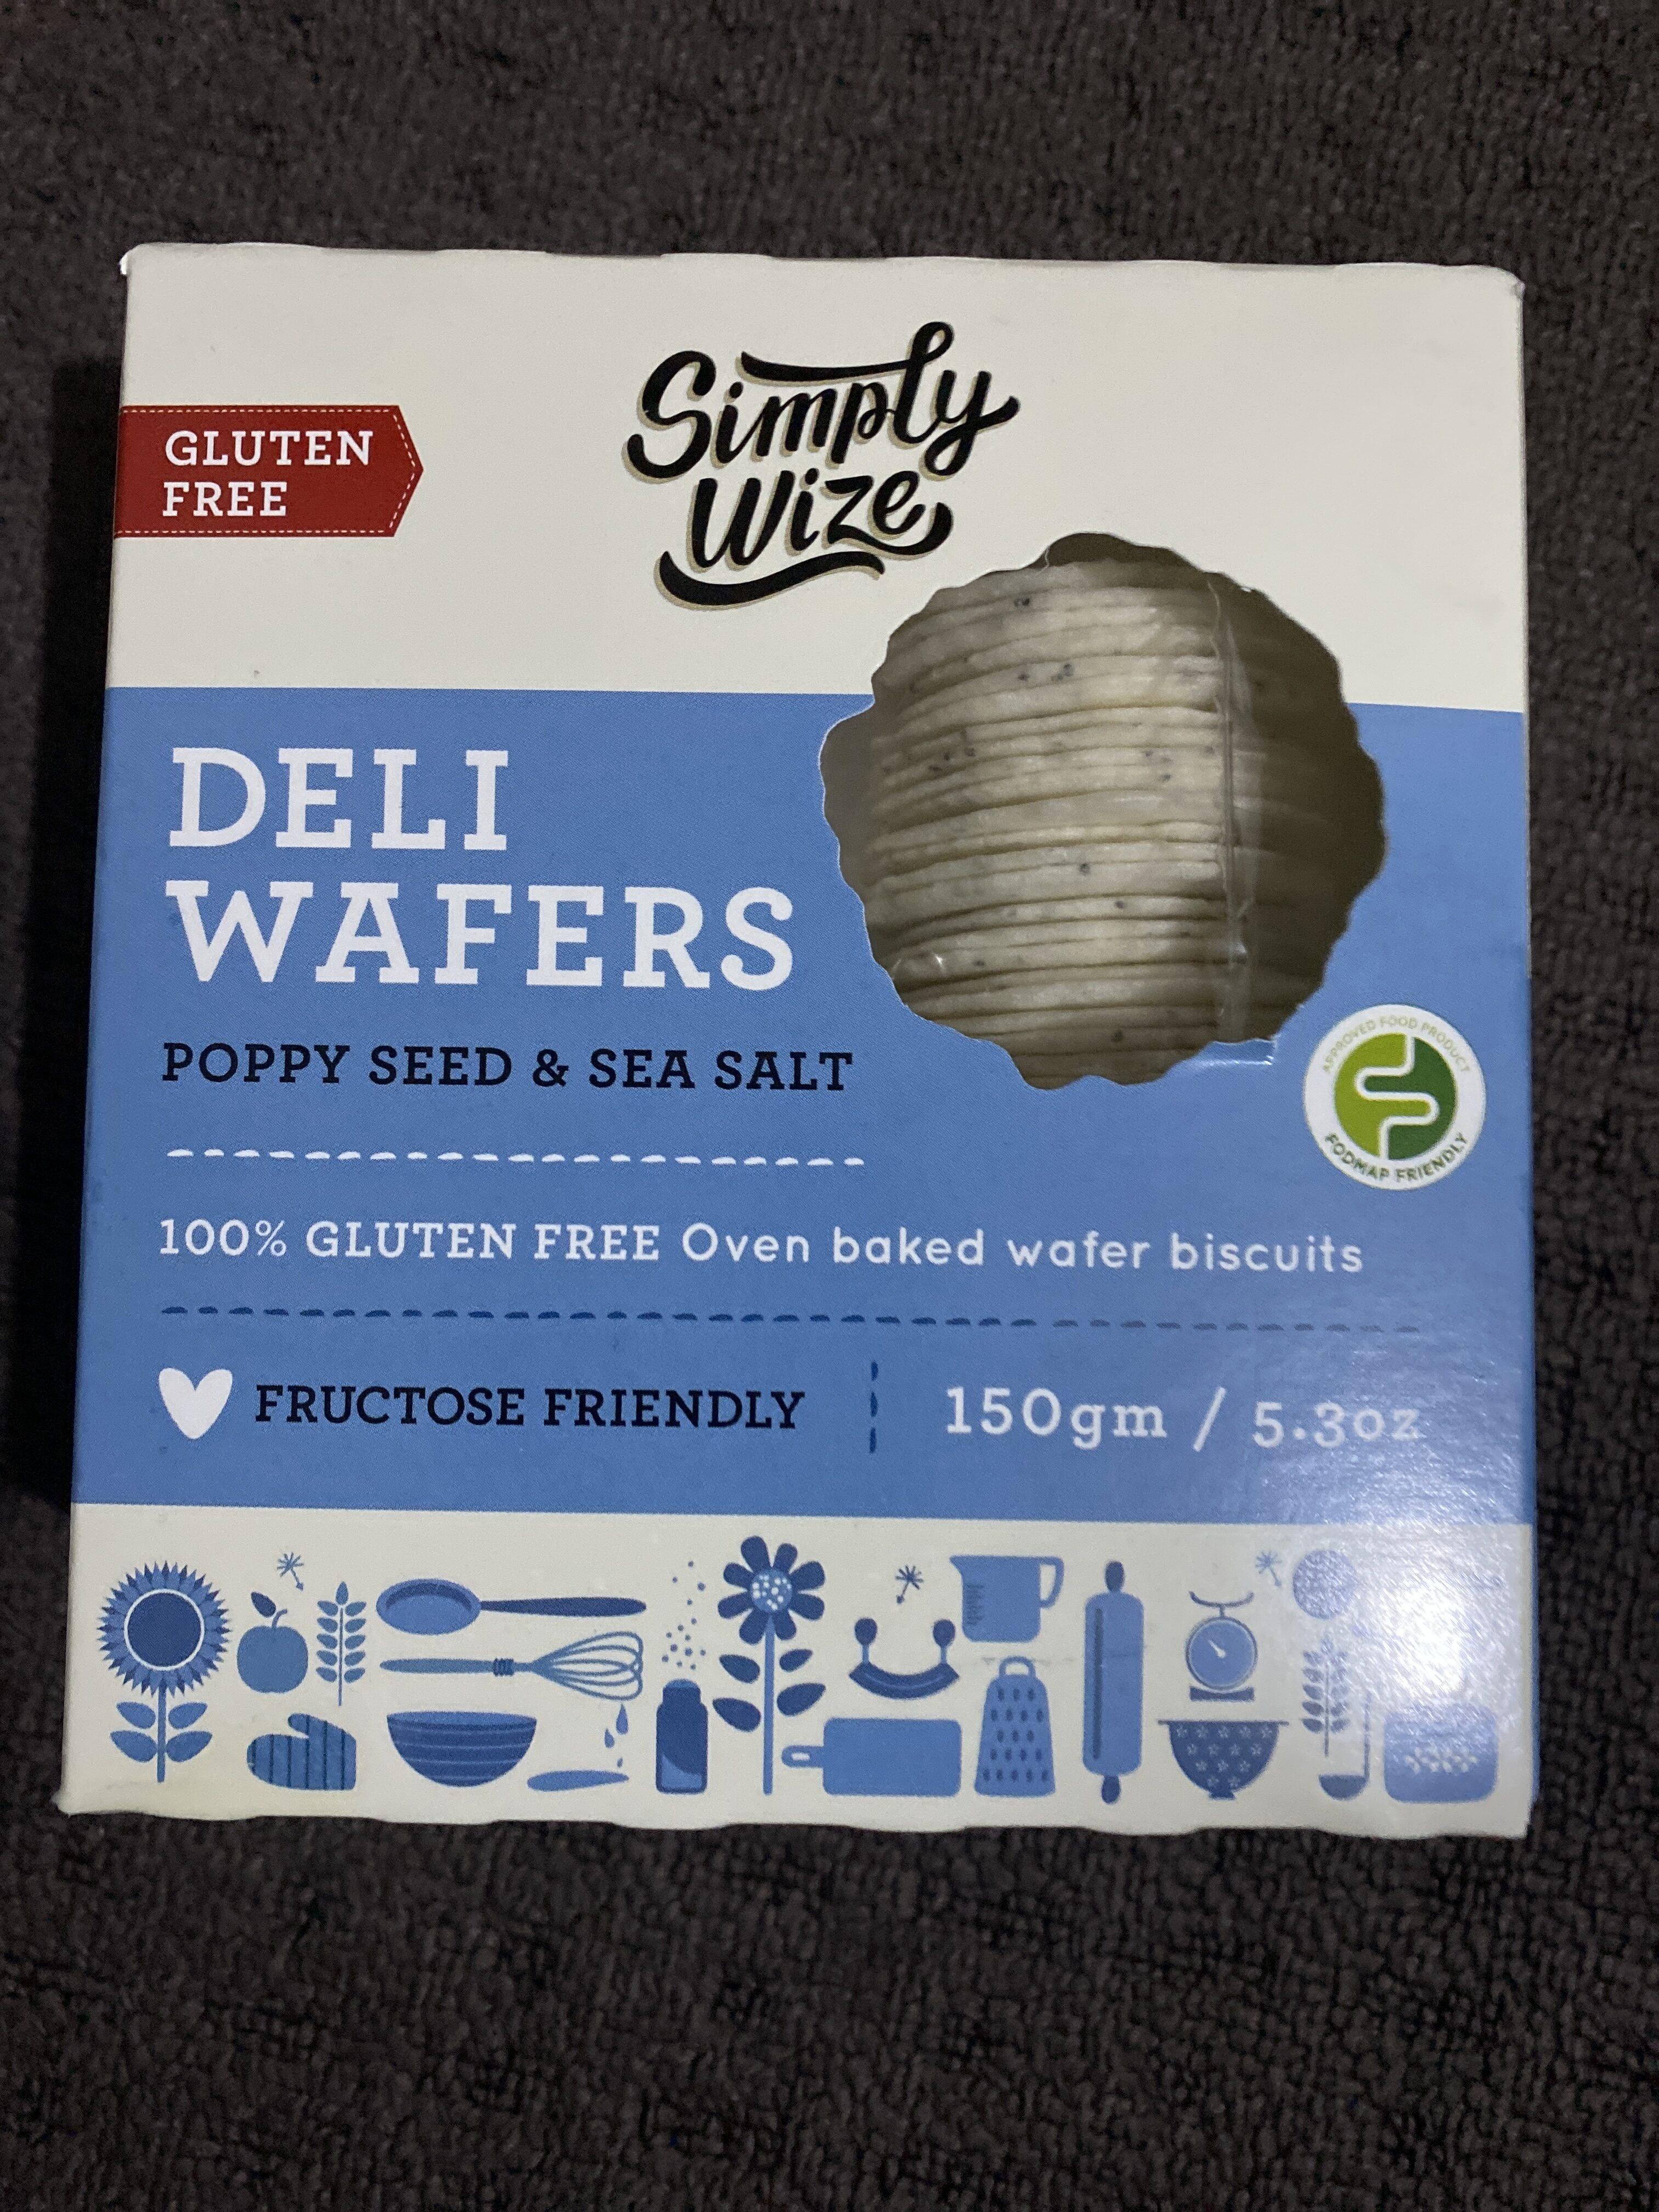 Gluten Free Deli Wafers - Product - en